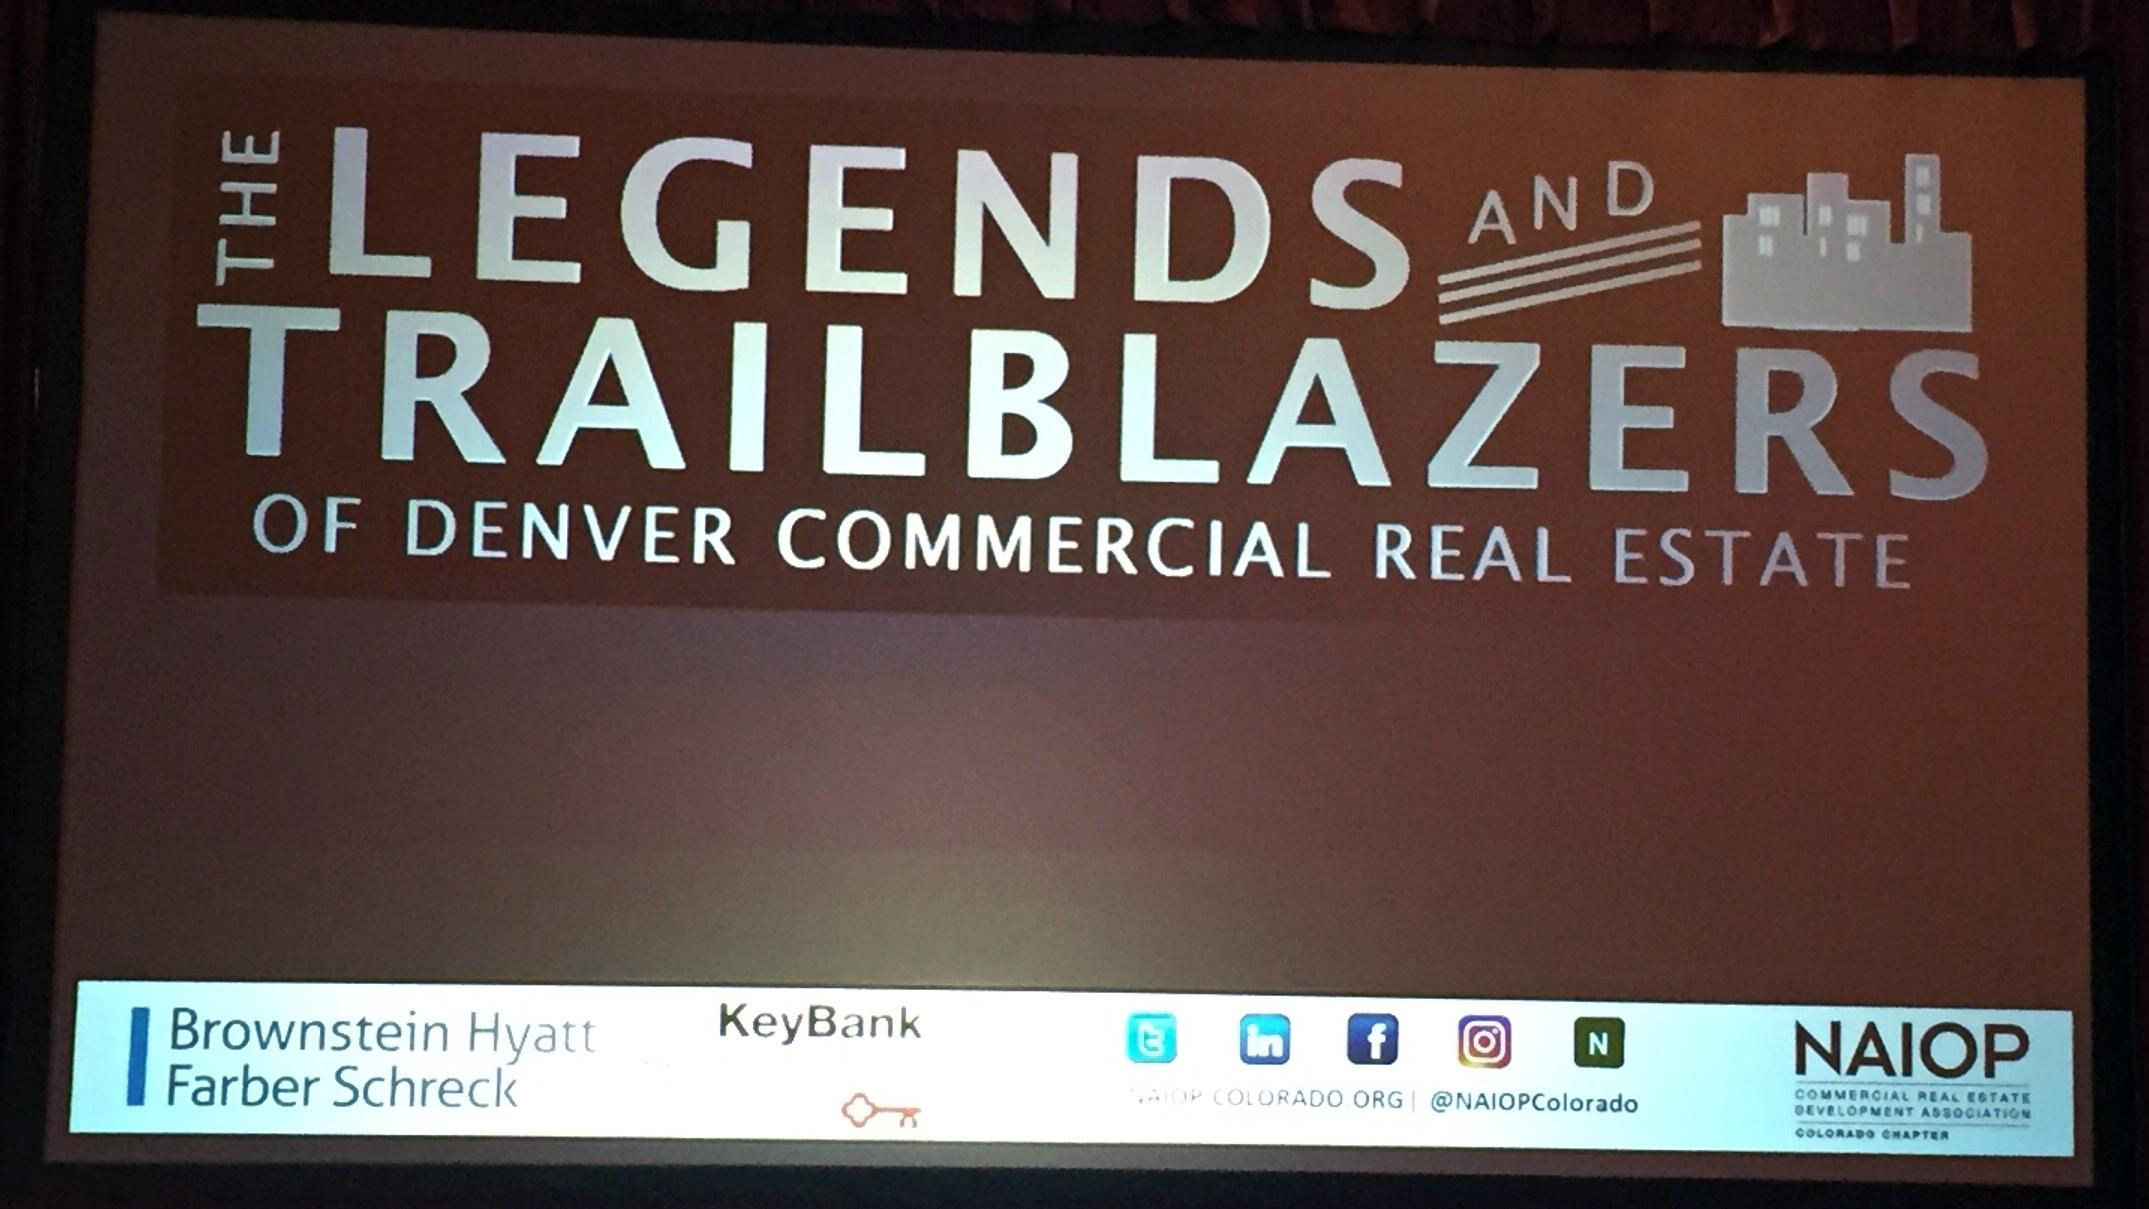 NAIOP Colorado_Legends and Trailblazers_Denver CO